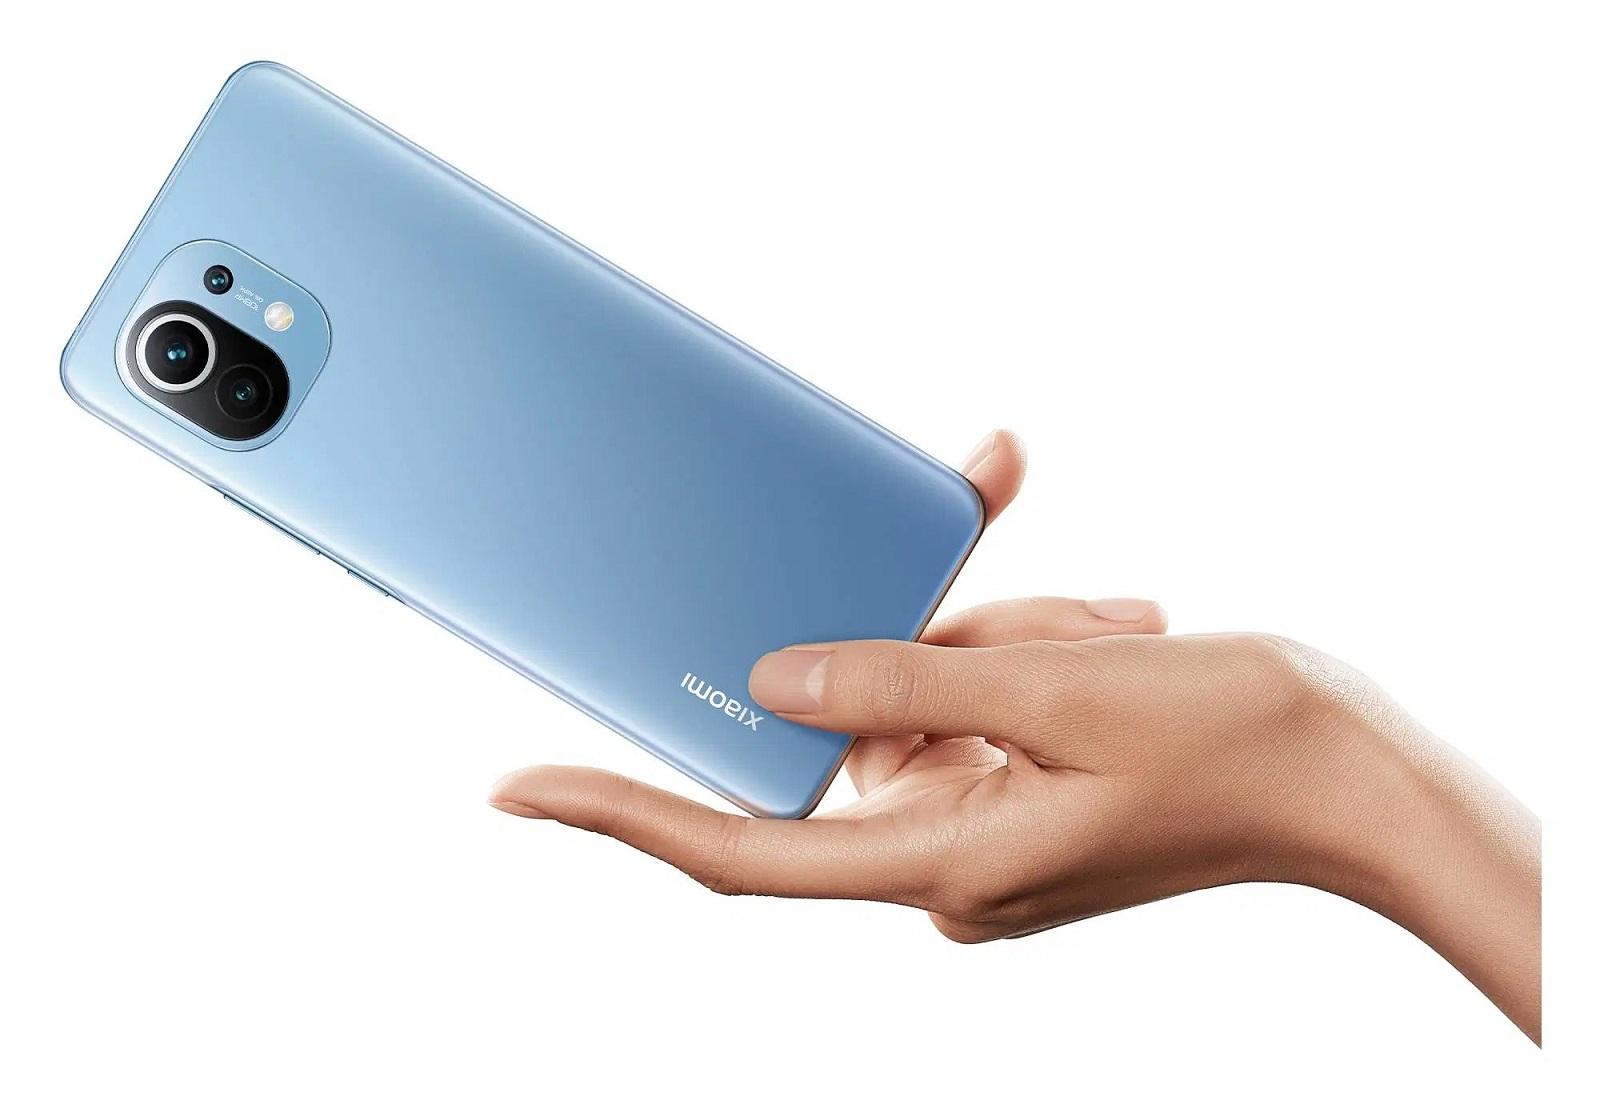 Xiaomi Mi 11 Lite 4G Modelinin Tüm Özellikleri Netlik Kazandı! - Teknoloji